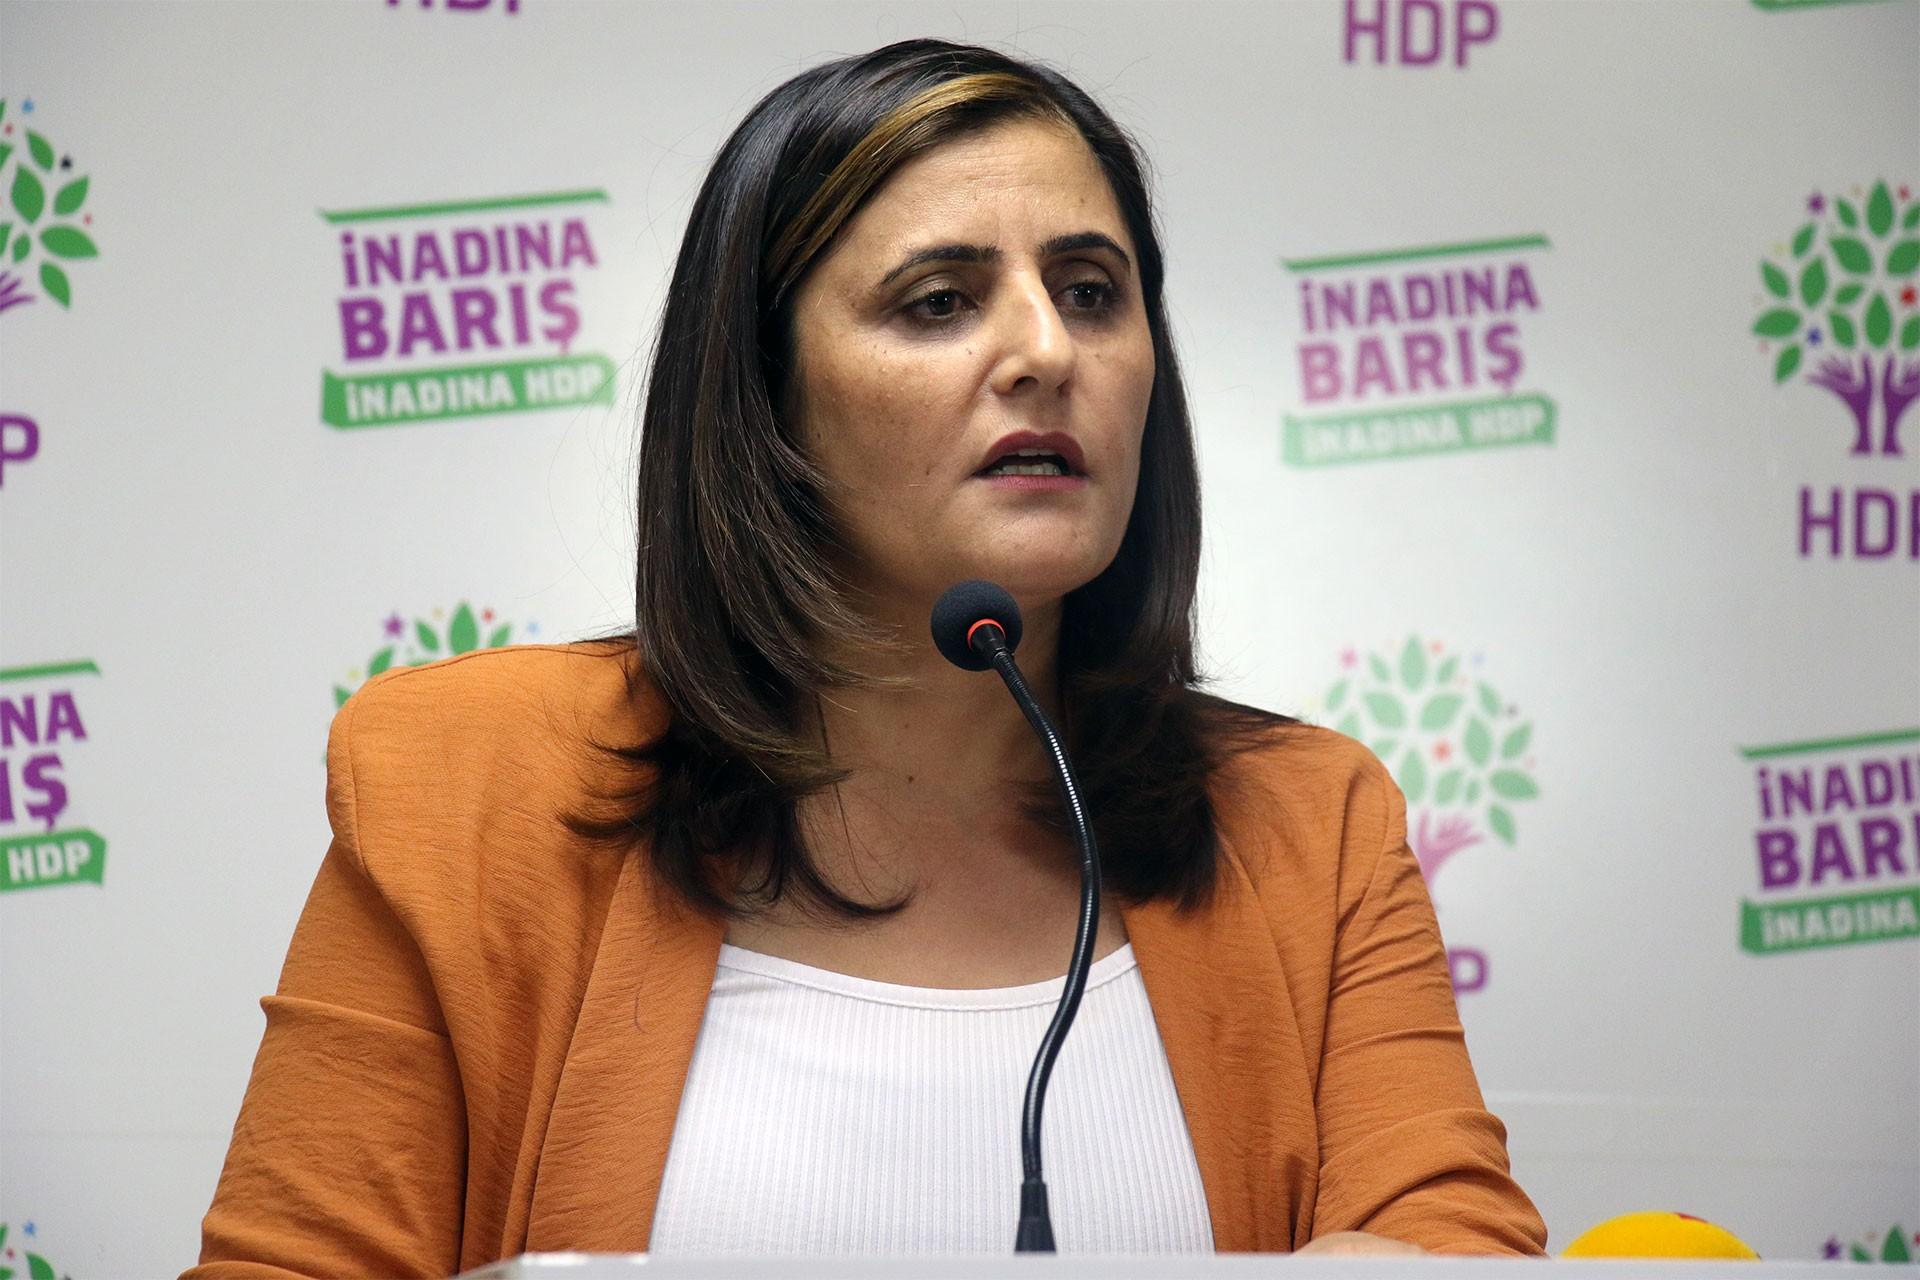 HDP Kadın Meclisinden anneler için çağrı: Gelin barış siyasetini güçlendirelim